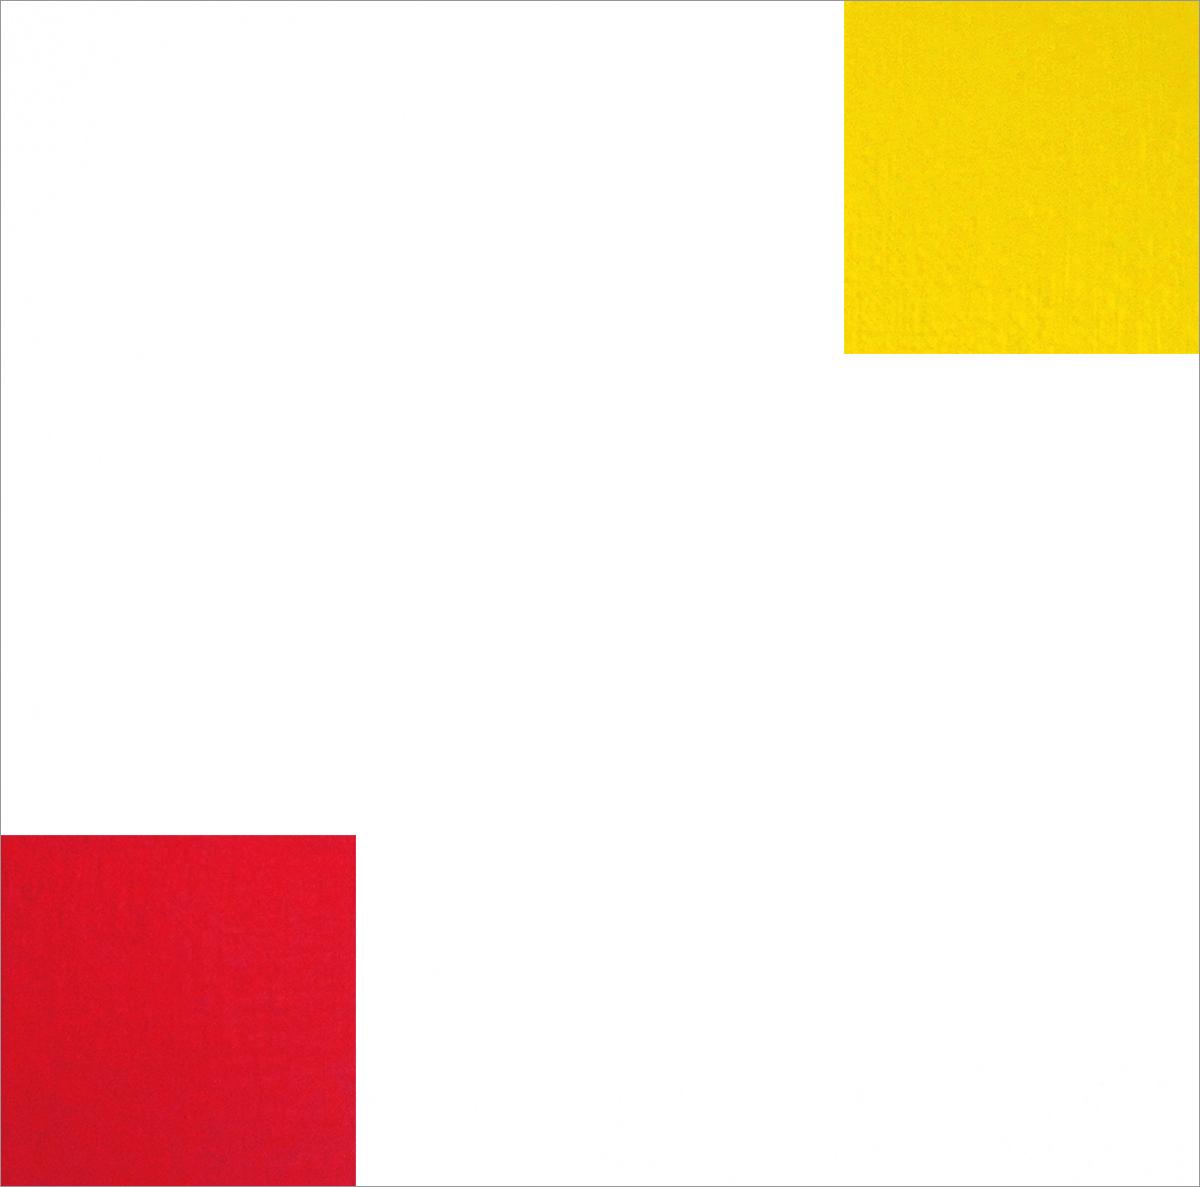 Peinture Minimal Space – Triptyque 15x15 / Peinture acrylique sur toile, non vernis